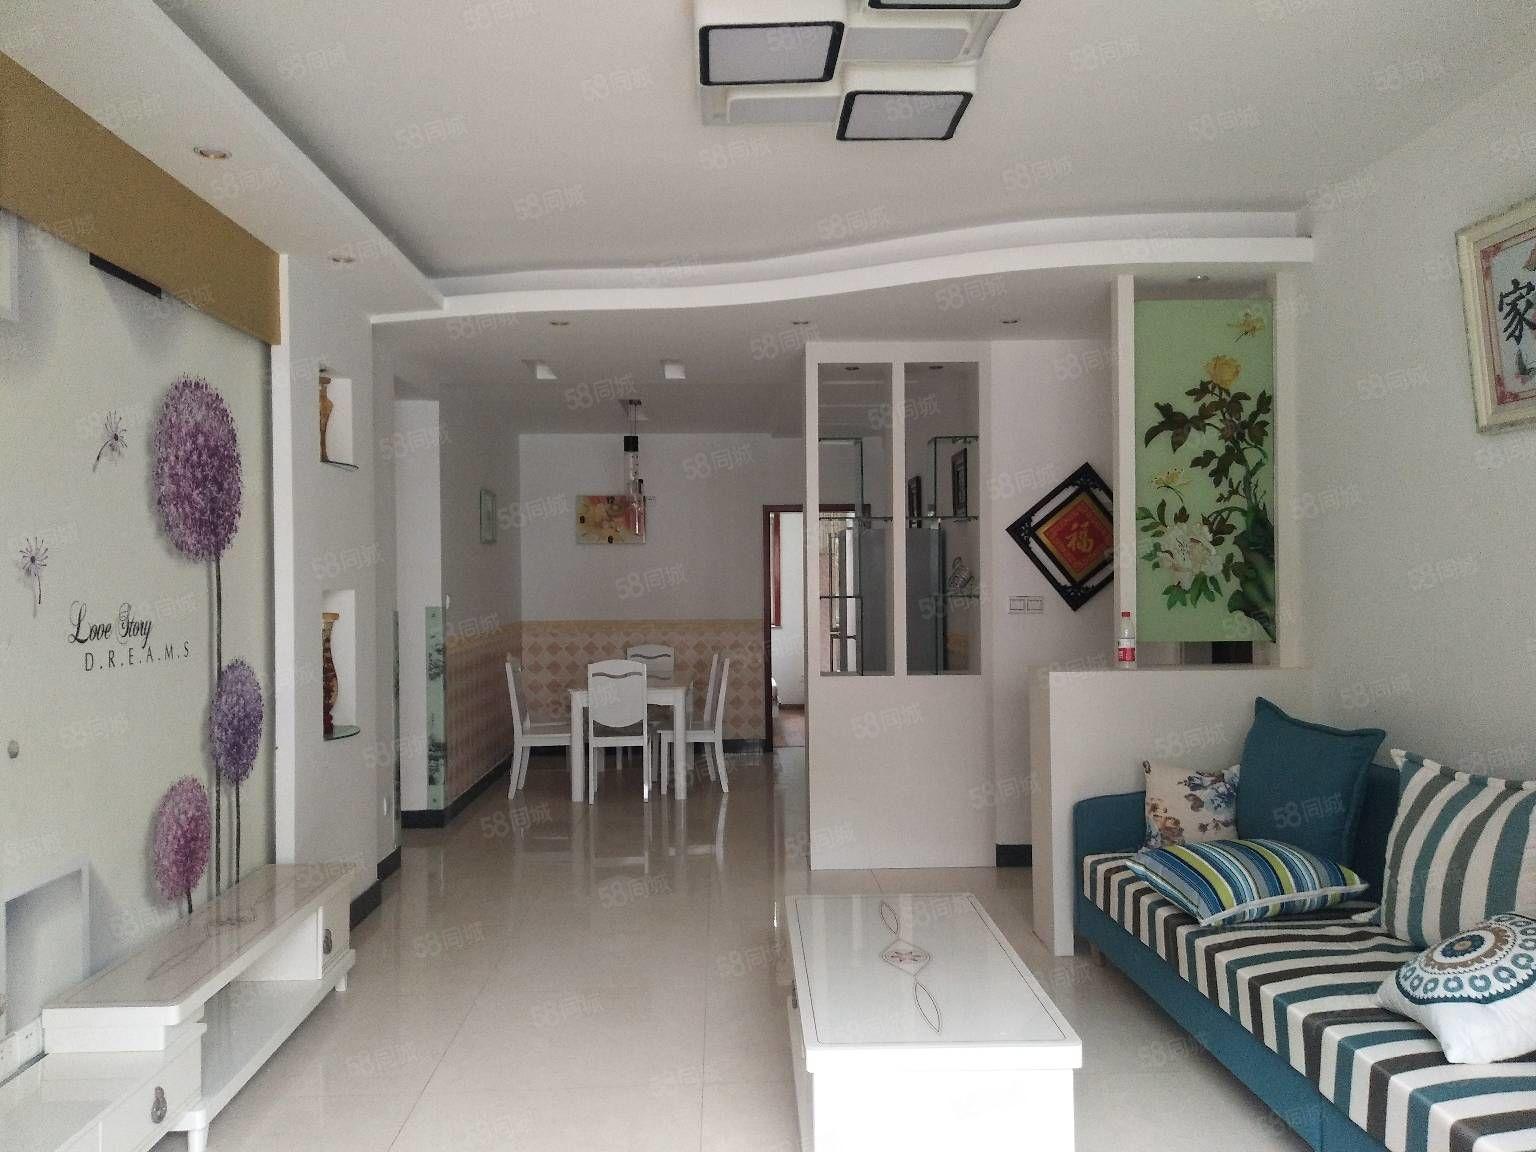 60米大街湖濱花園4樓118平米3室2廳2衛精裝修關門賣